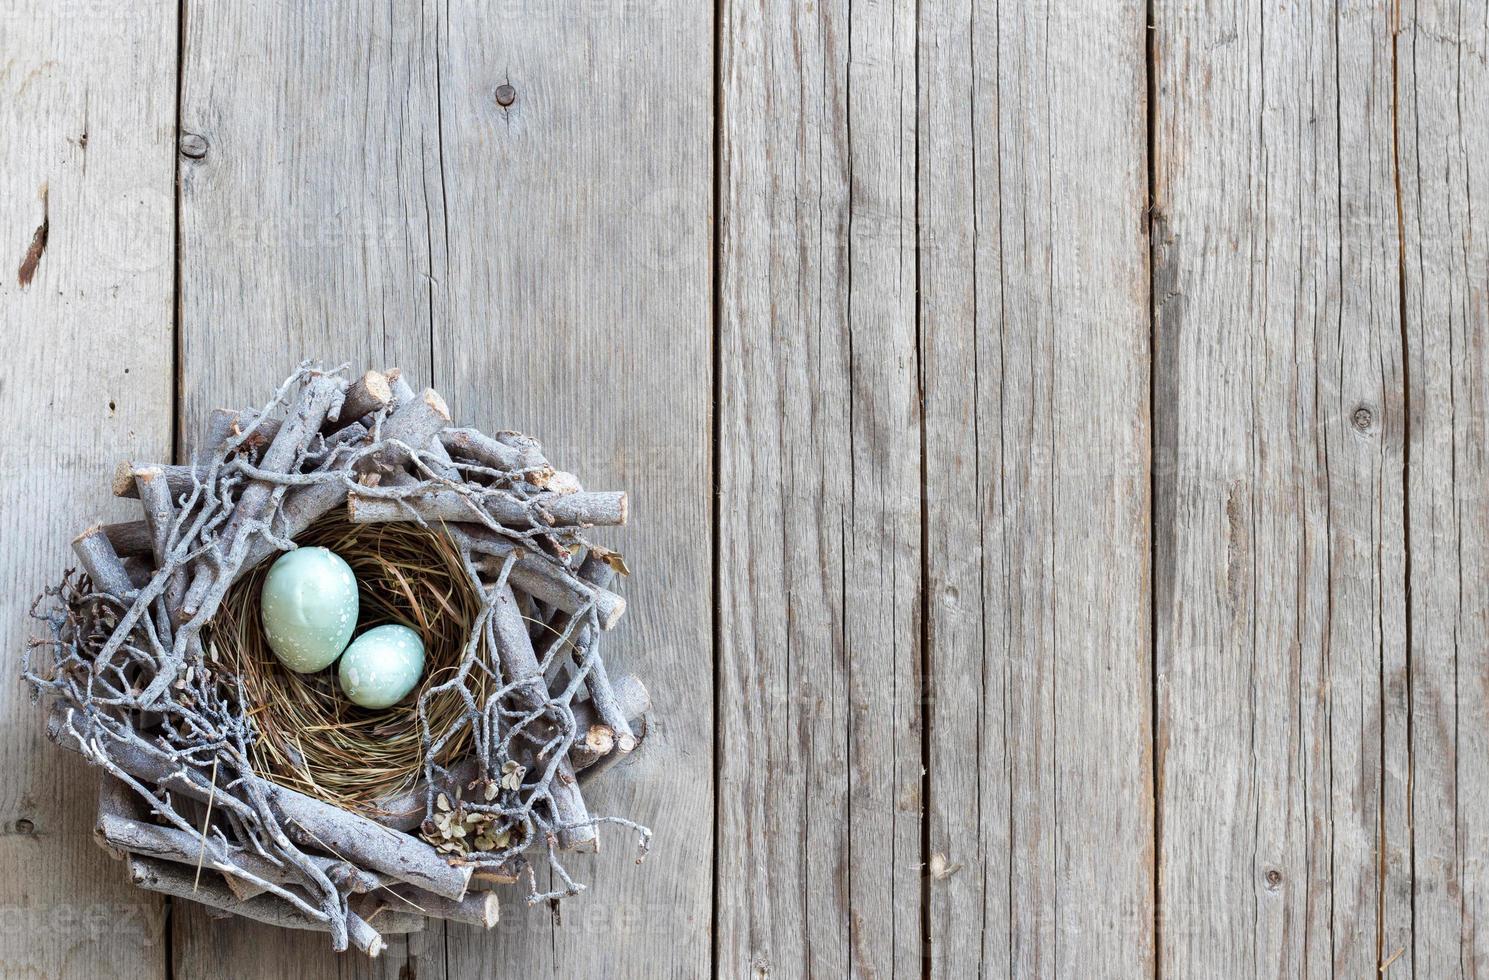 ovos de Páscoa no ninho na madeira foto